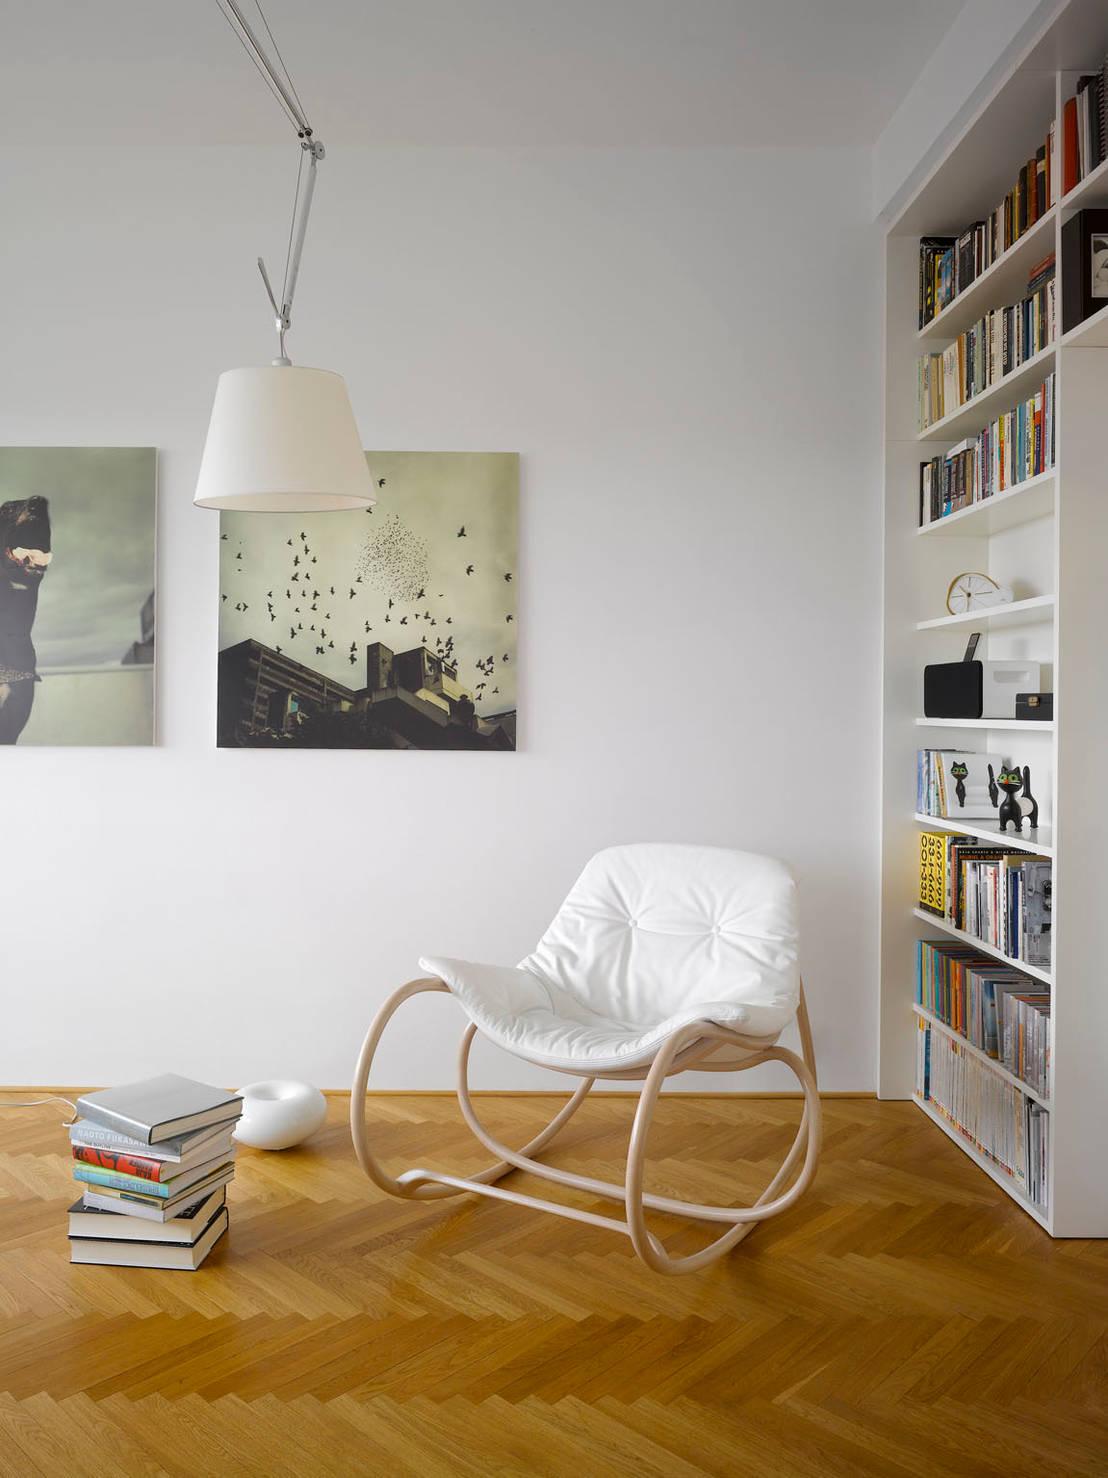 Coole dekoration f rs wohnzimmer - Dekoration wohnzimmer ...